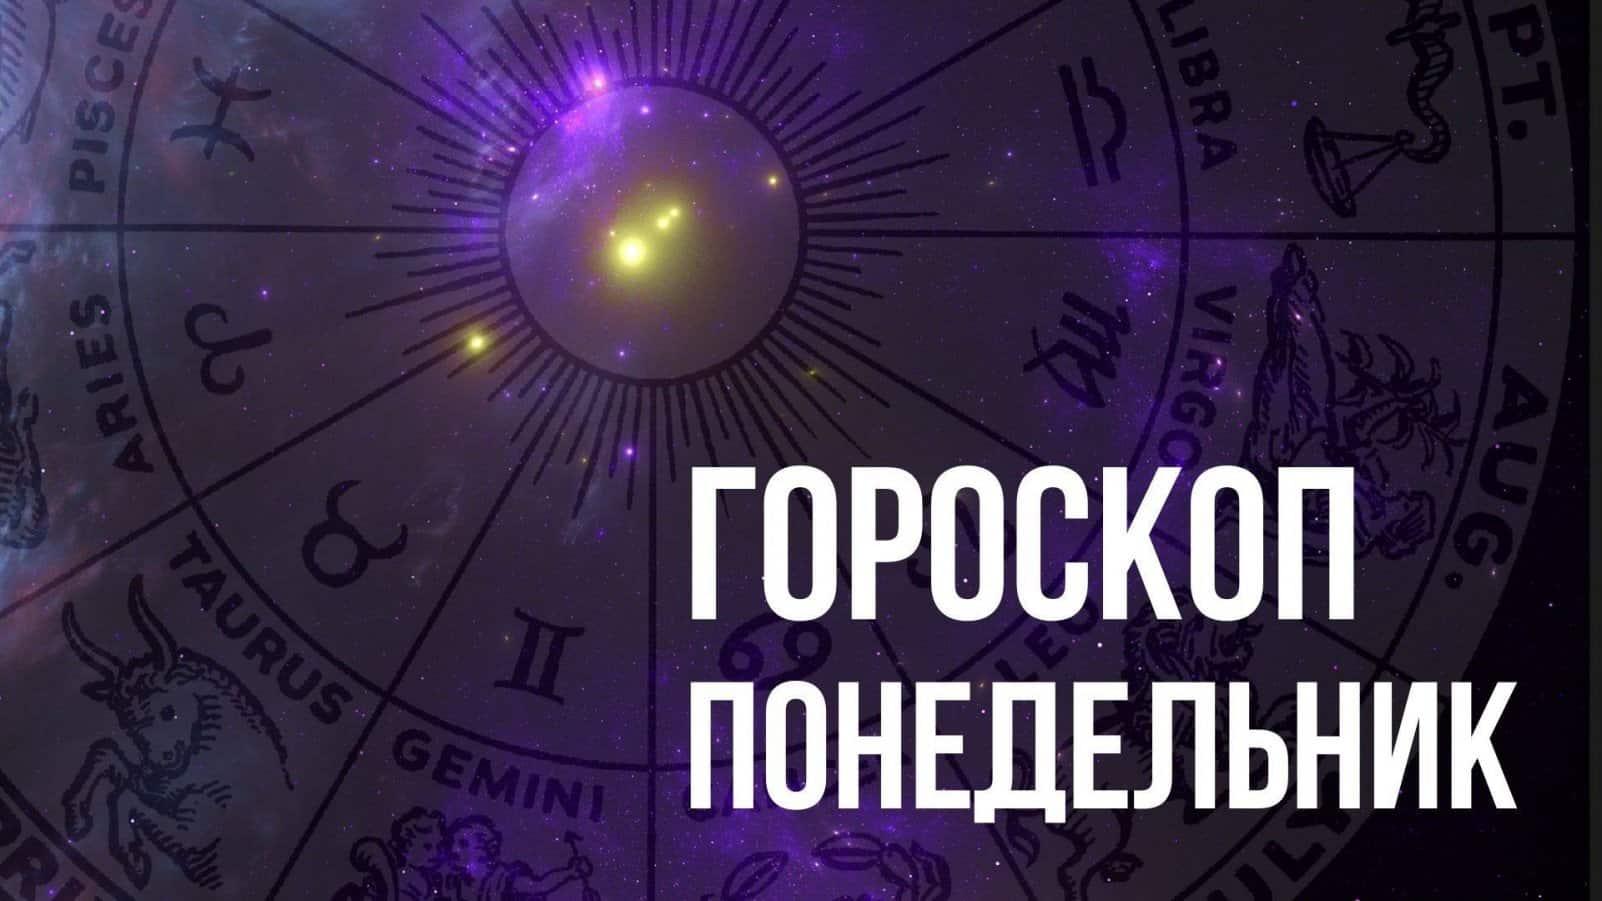 Гороскоп на понедельник 24 мая для каждого знака Зодиака